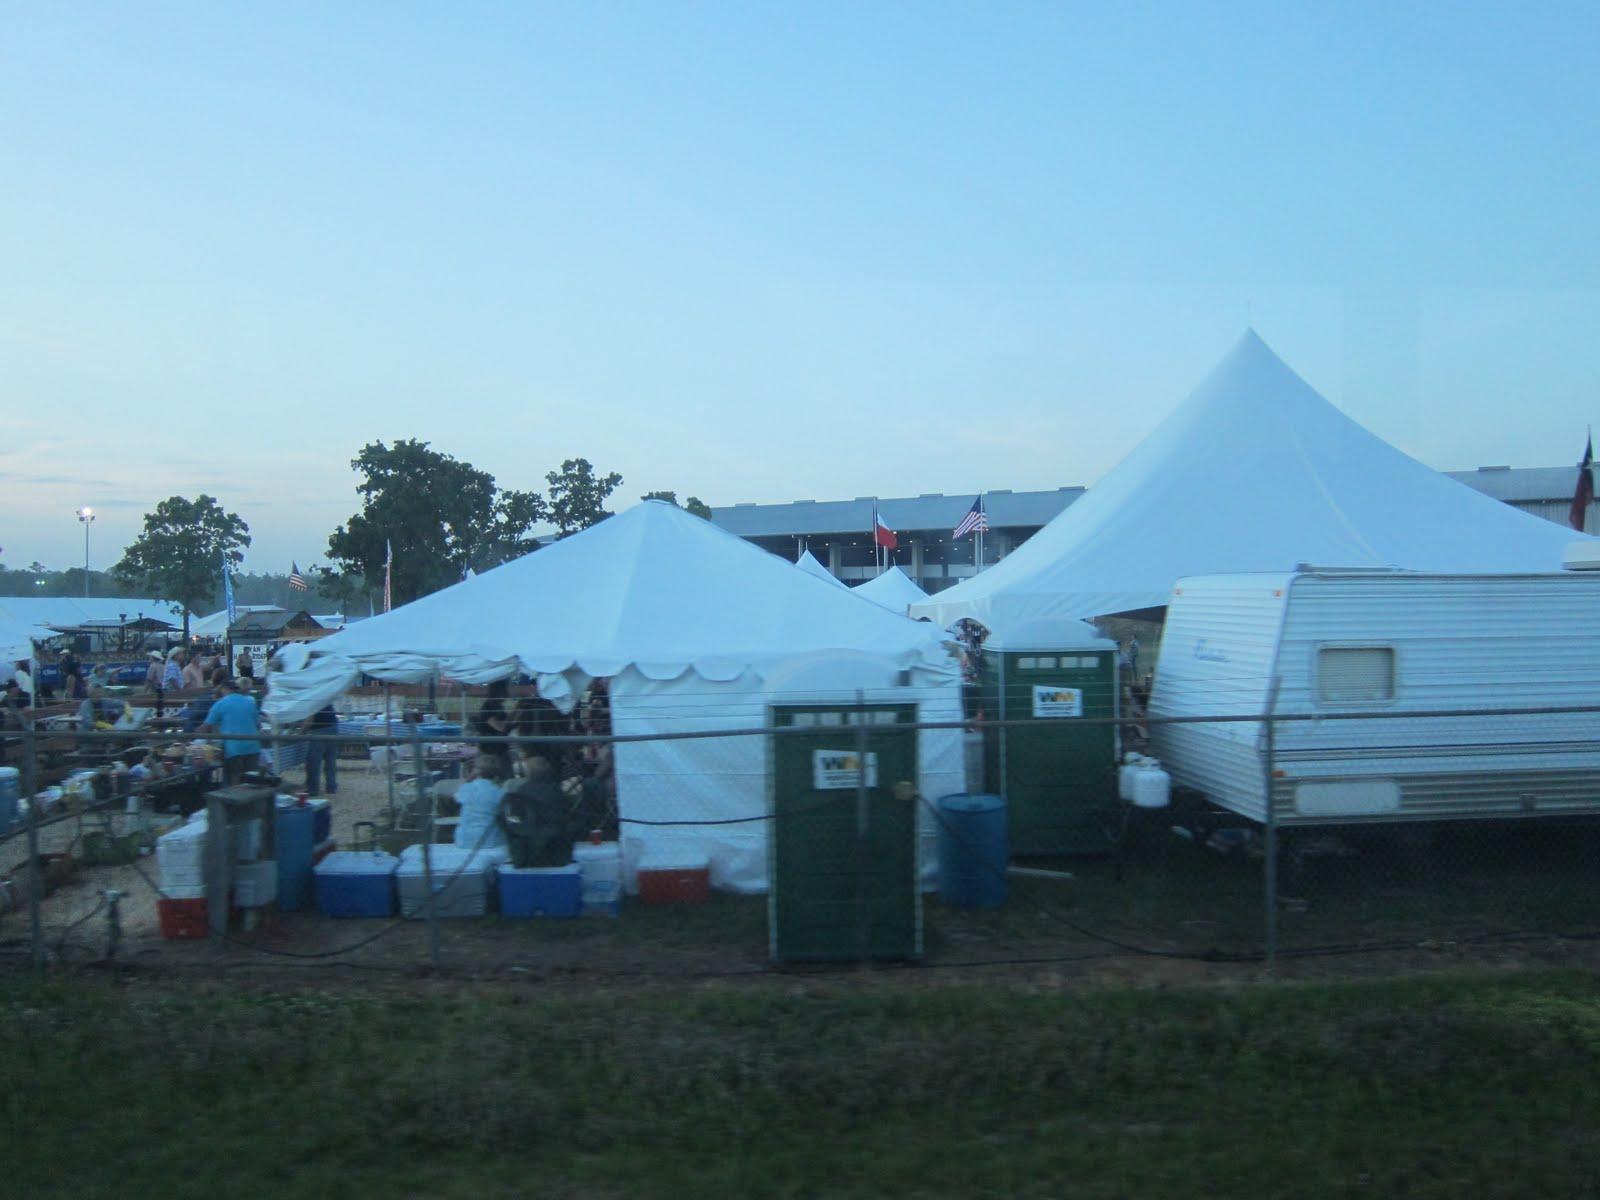 My Texas Bucket List 3 Go To The Montgomery County Fair